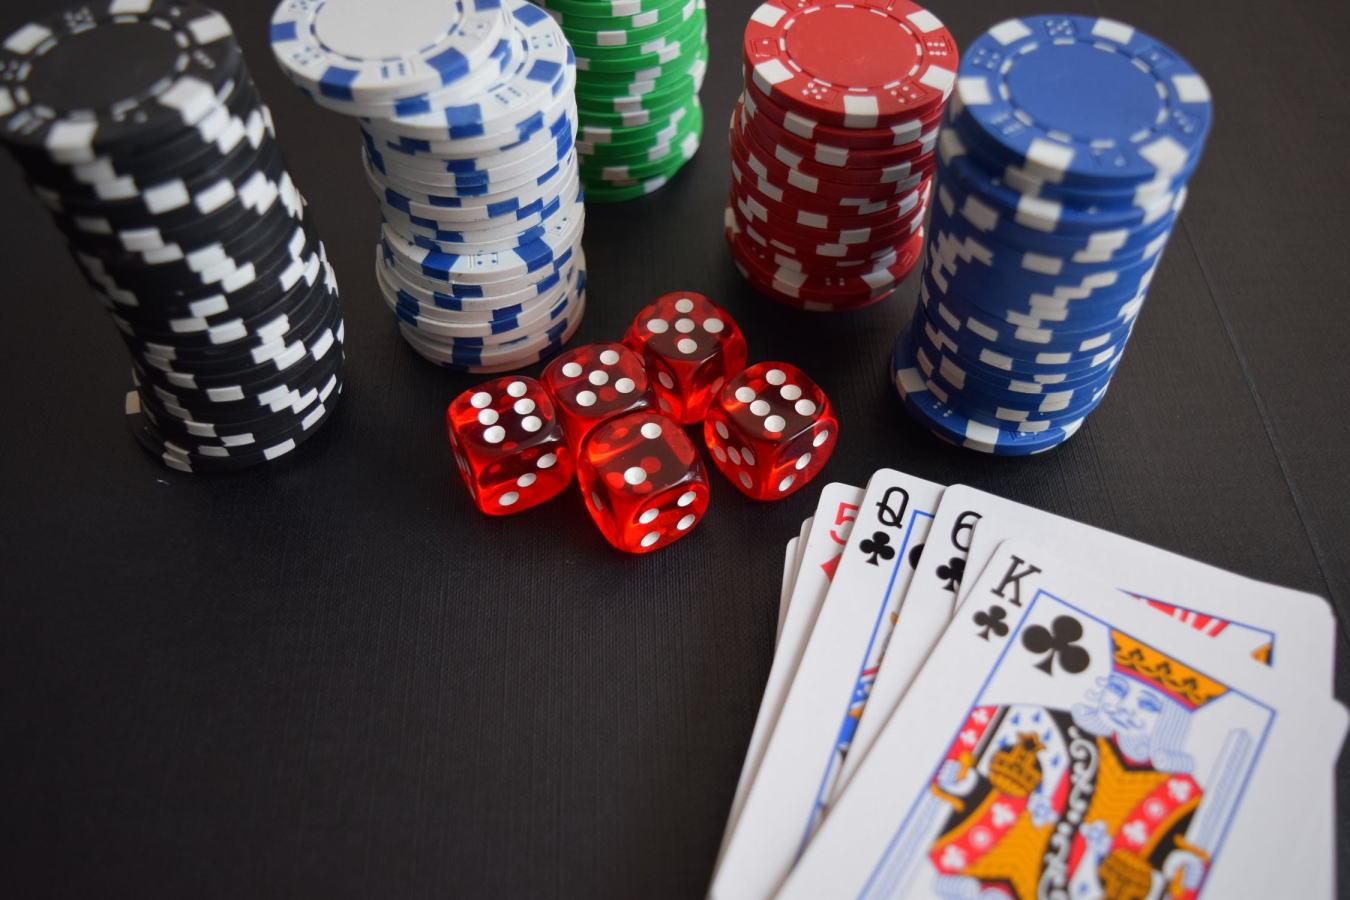 株式投資とギャンブルの違いを解説